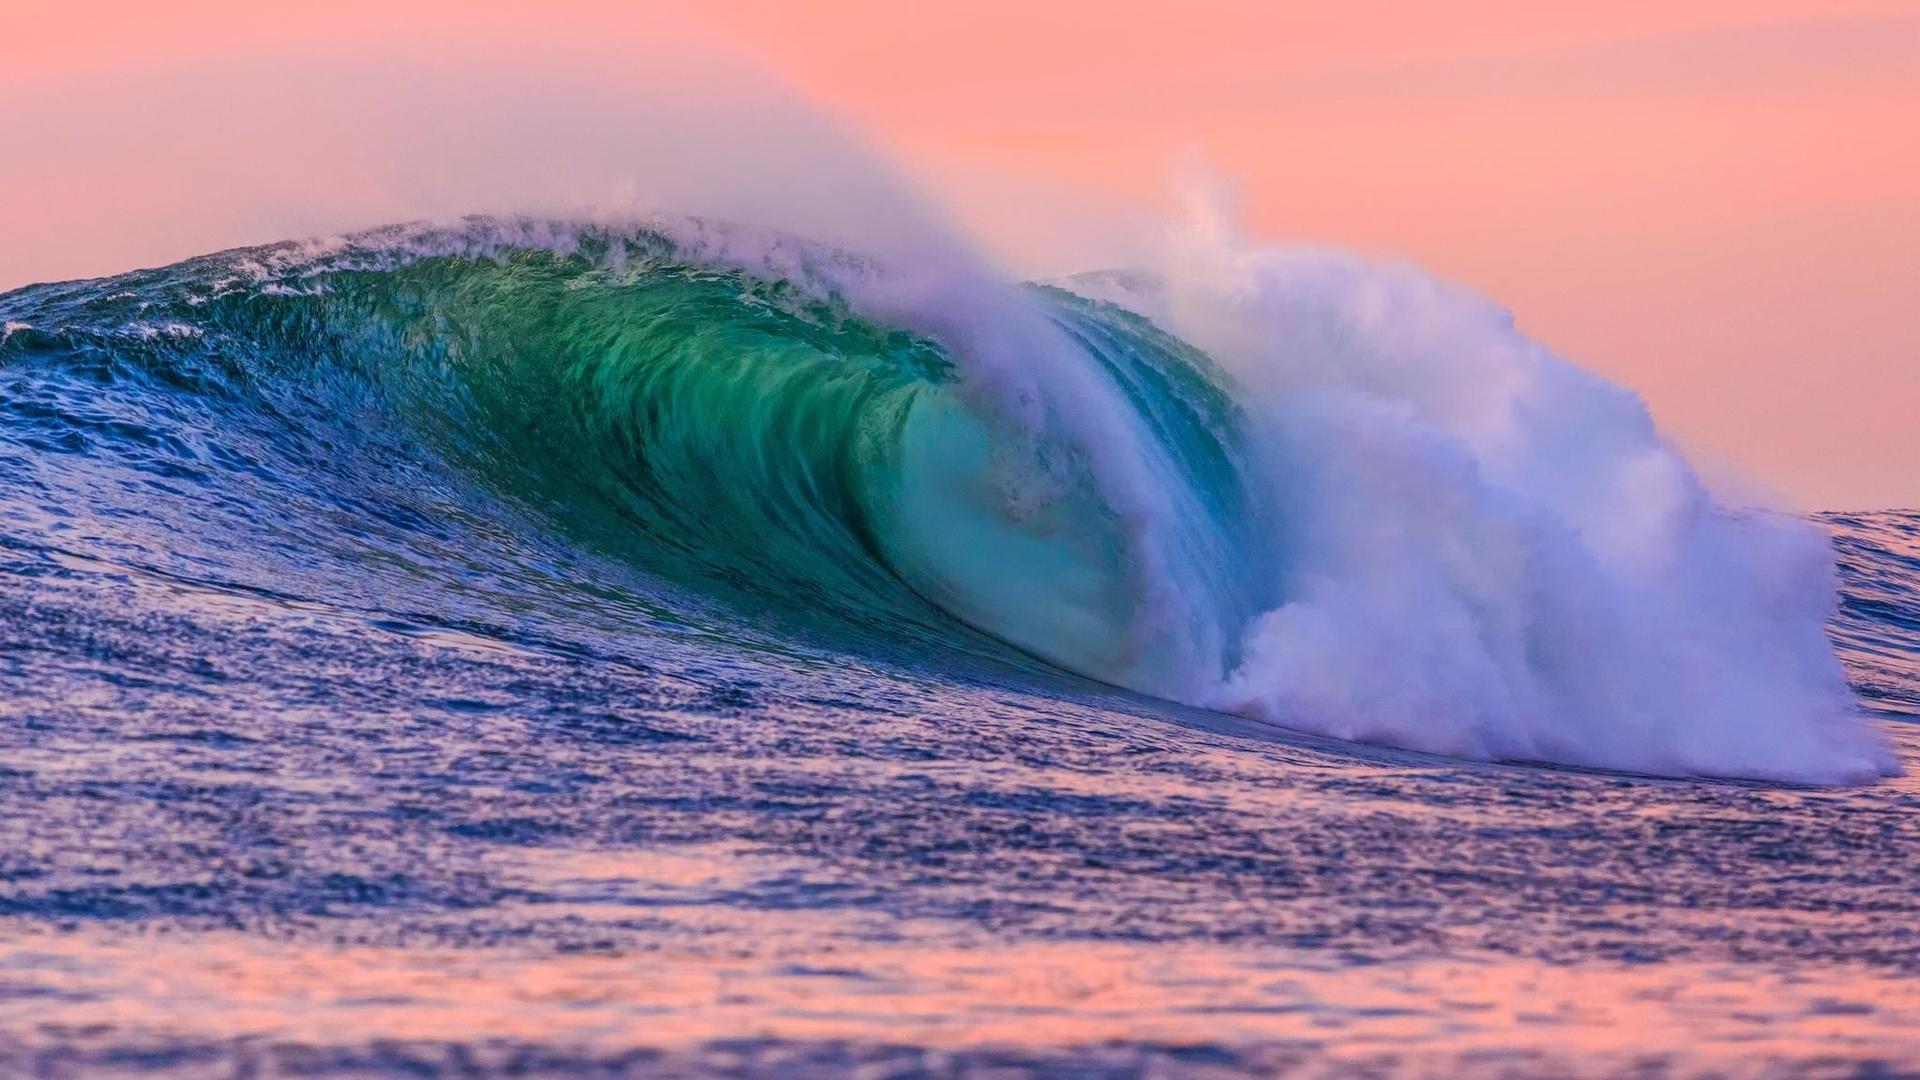 очень красивые картинки океана мог поверить то